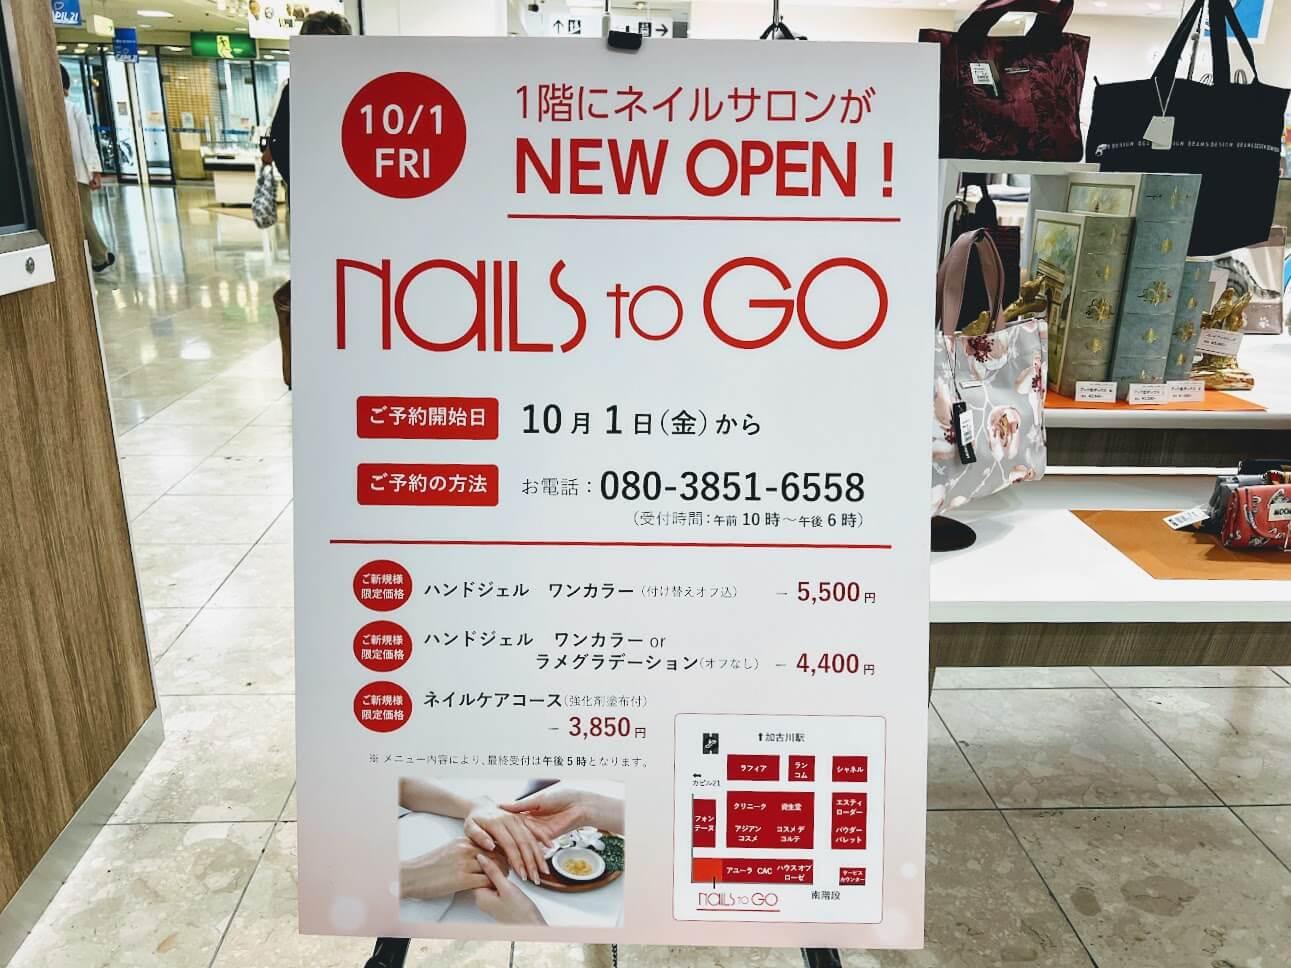 ネイルズトゥゴー加古川ヤマトヤシキオープンのお知らせ